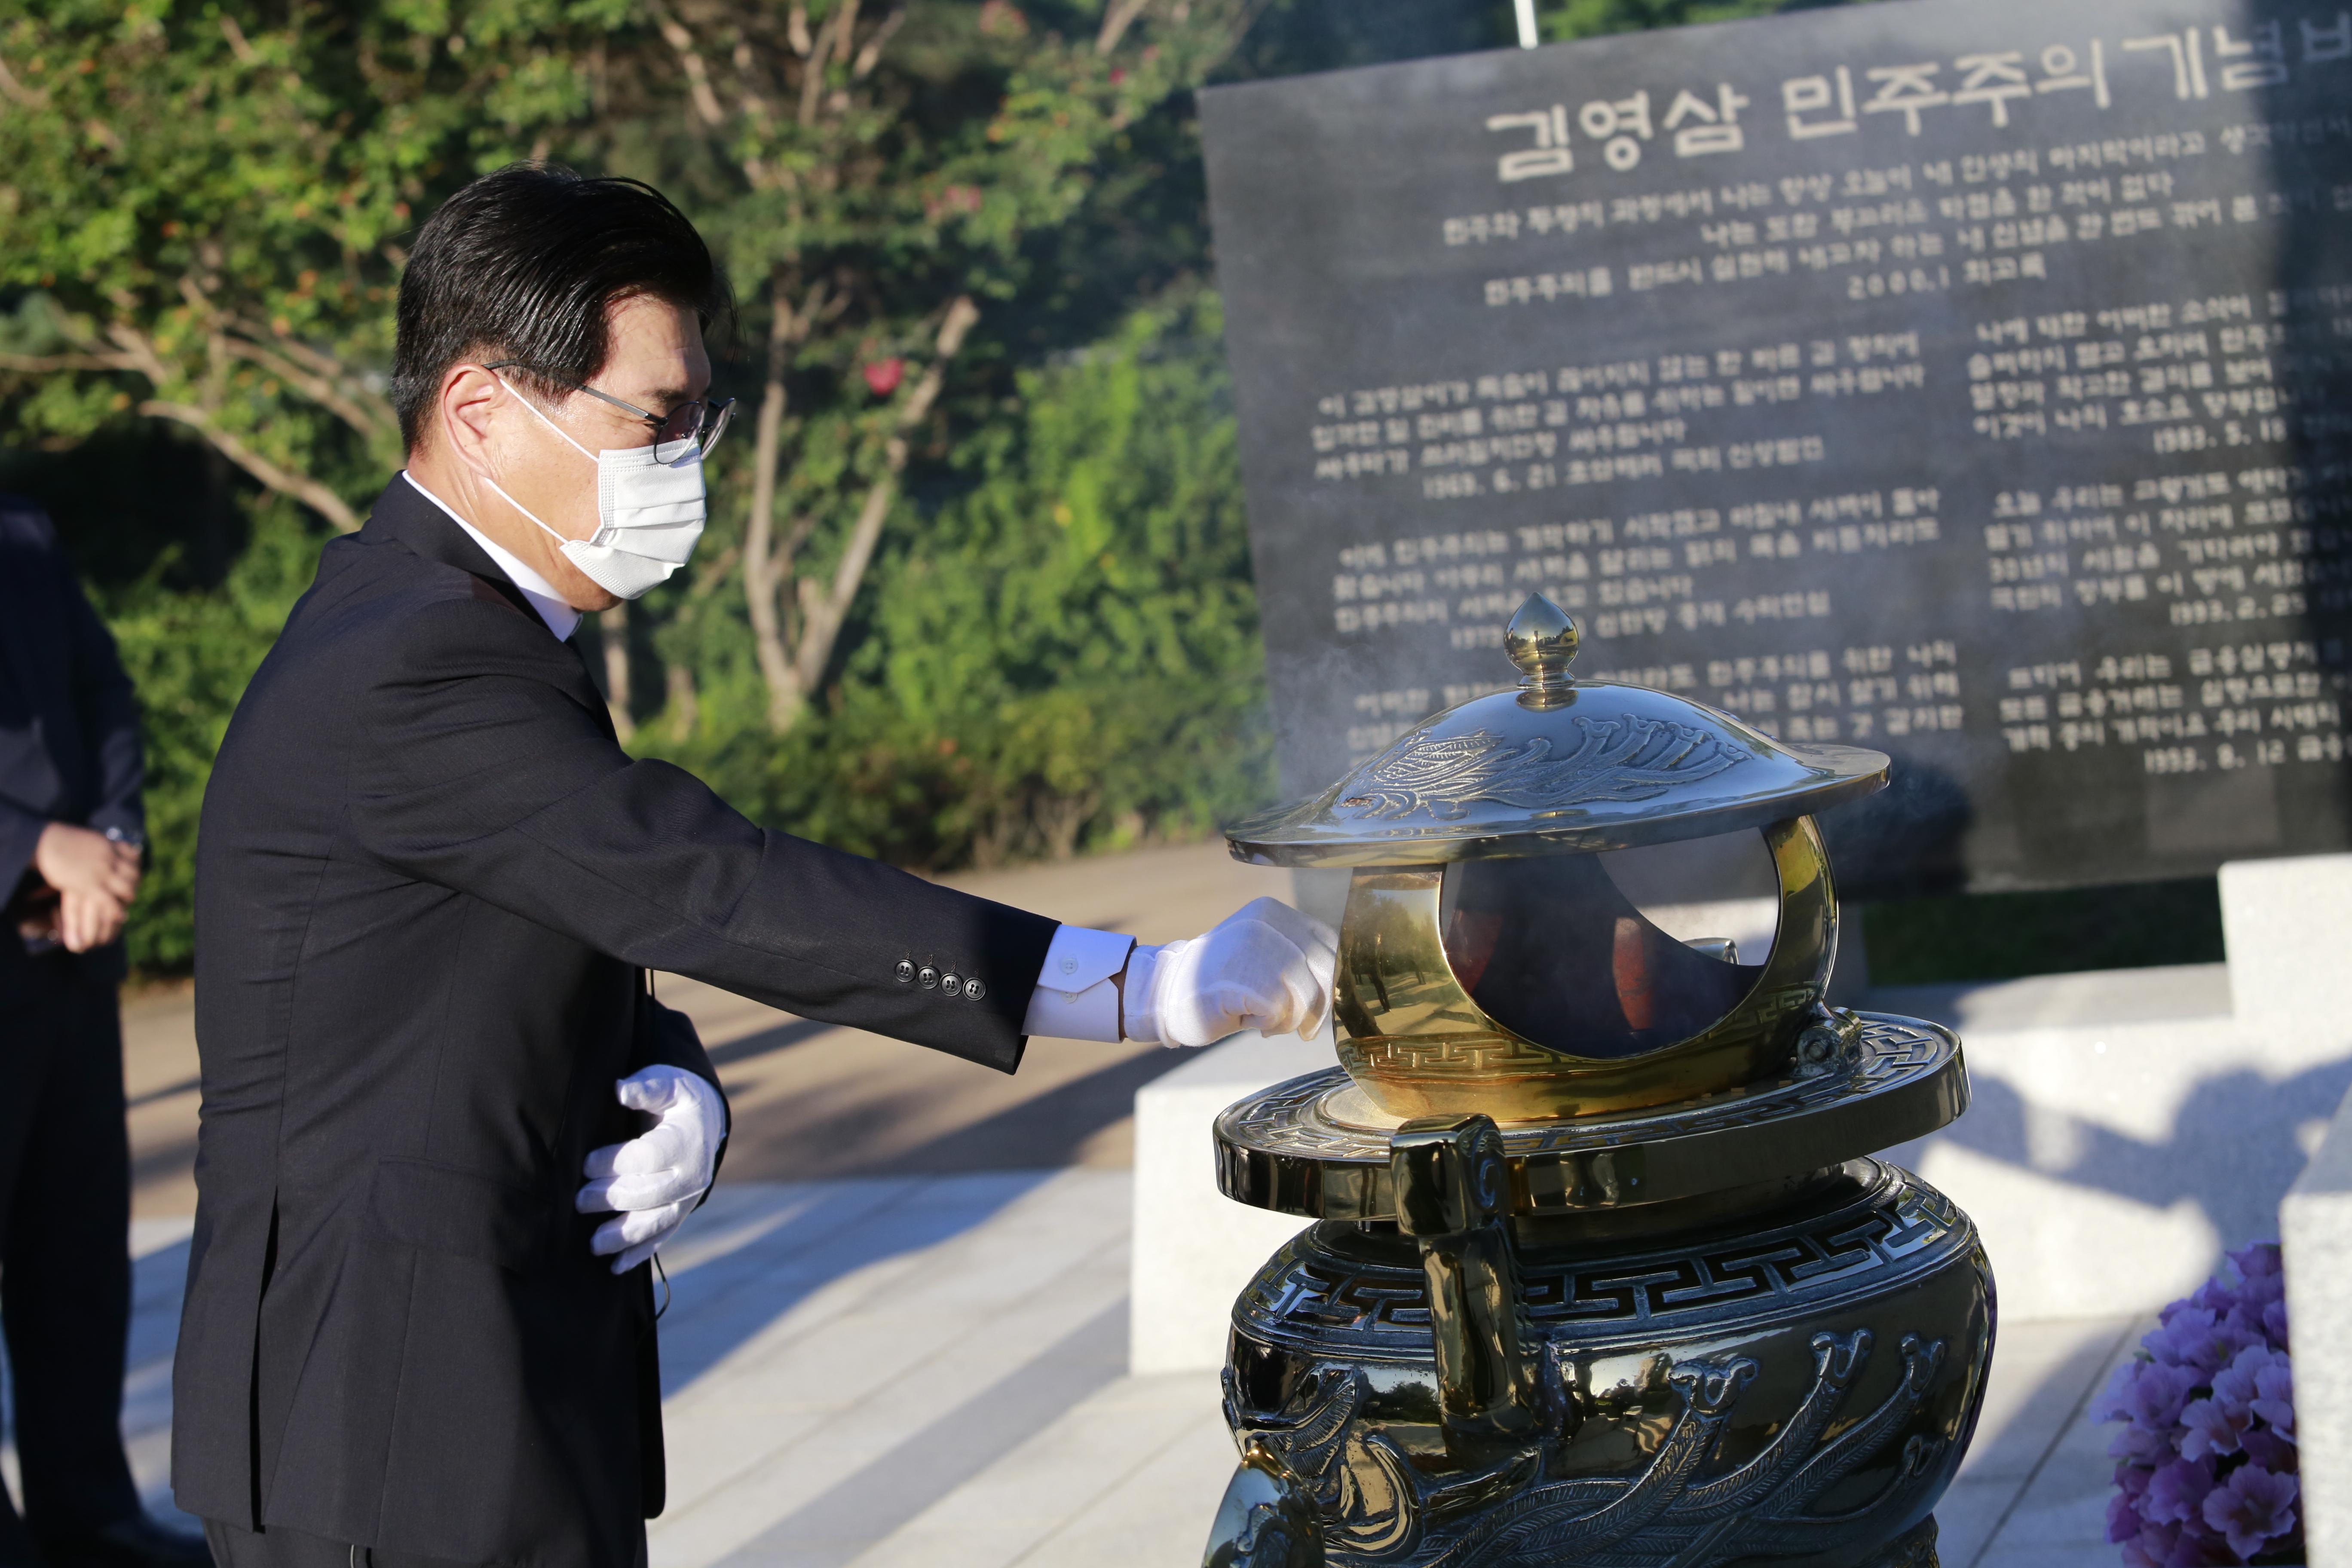 친박신당 홍문종 대표, 동작구 국립현충원  4분의 전직 대통령들 묘소 참배